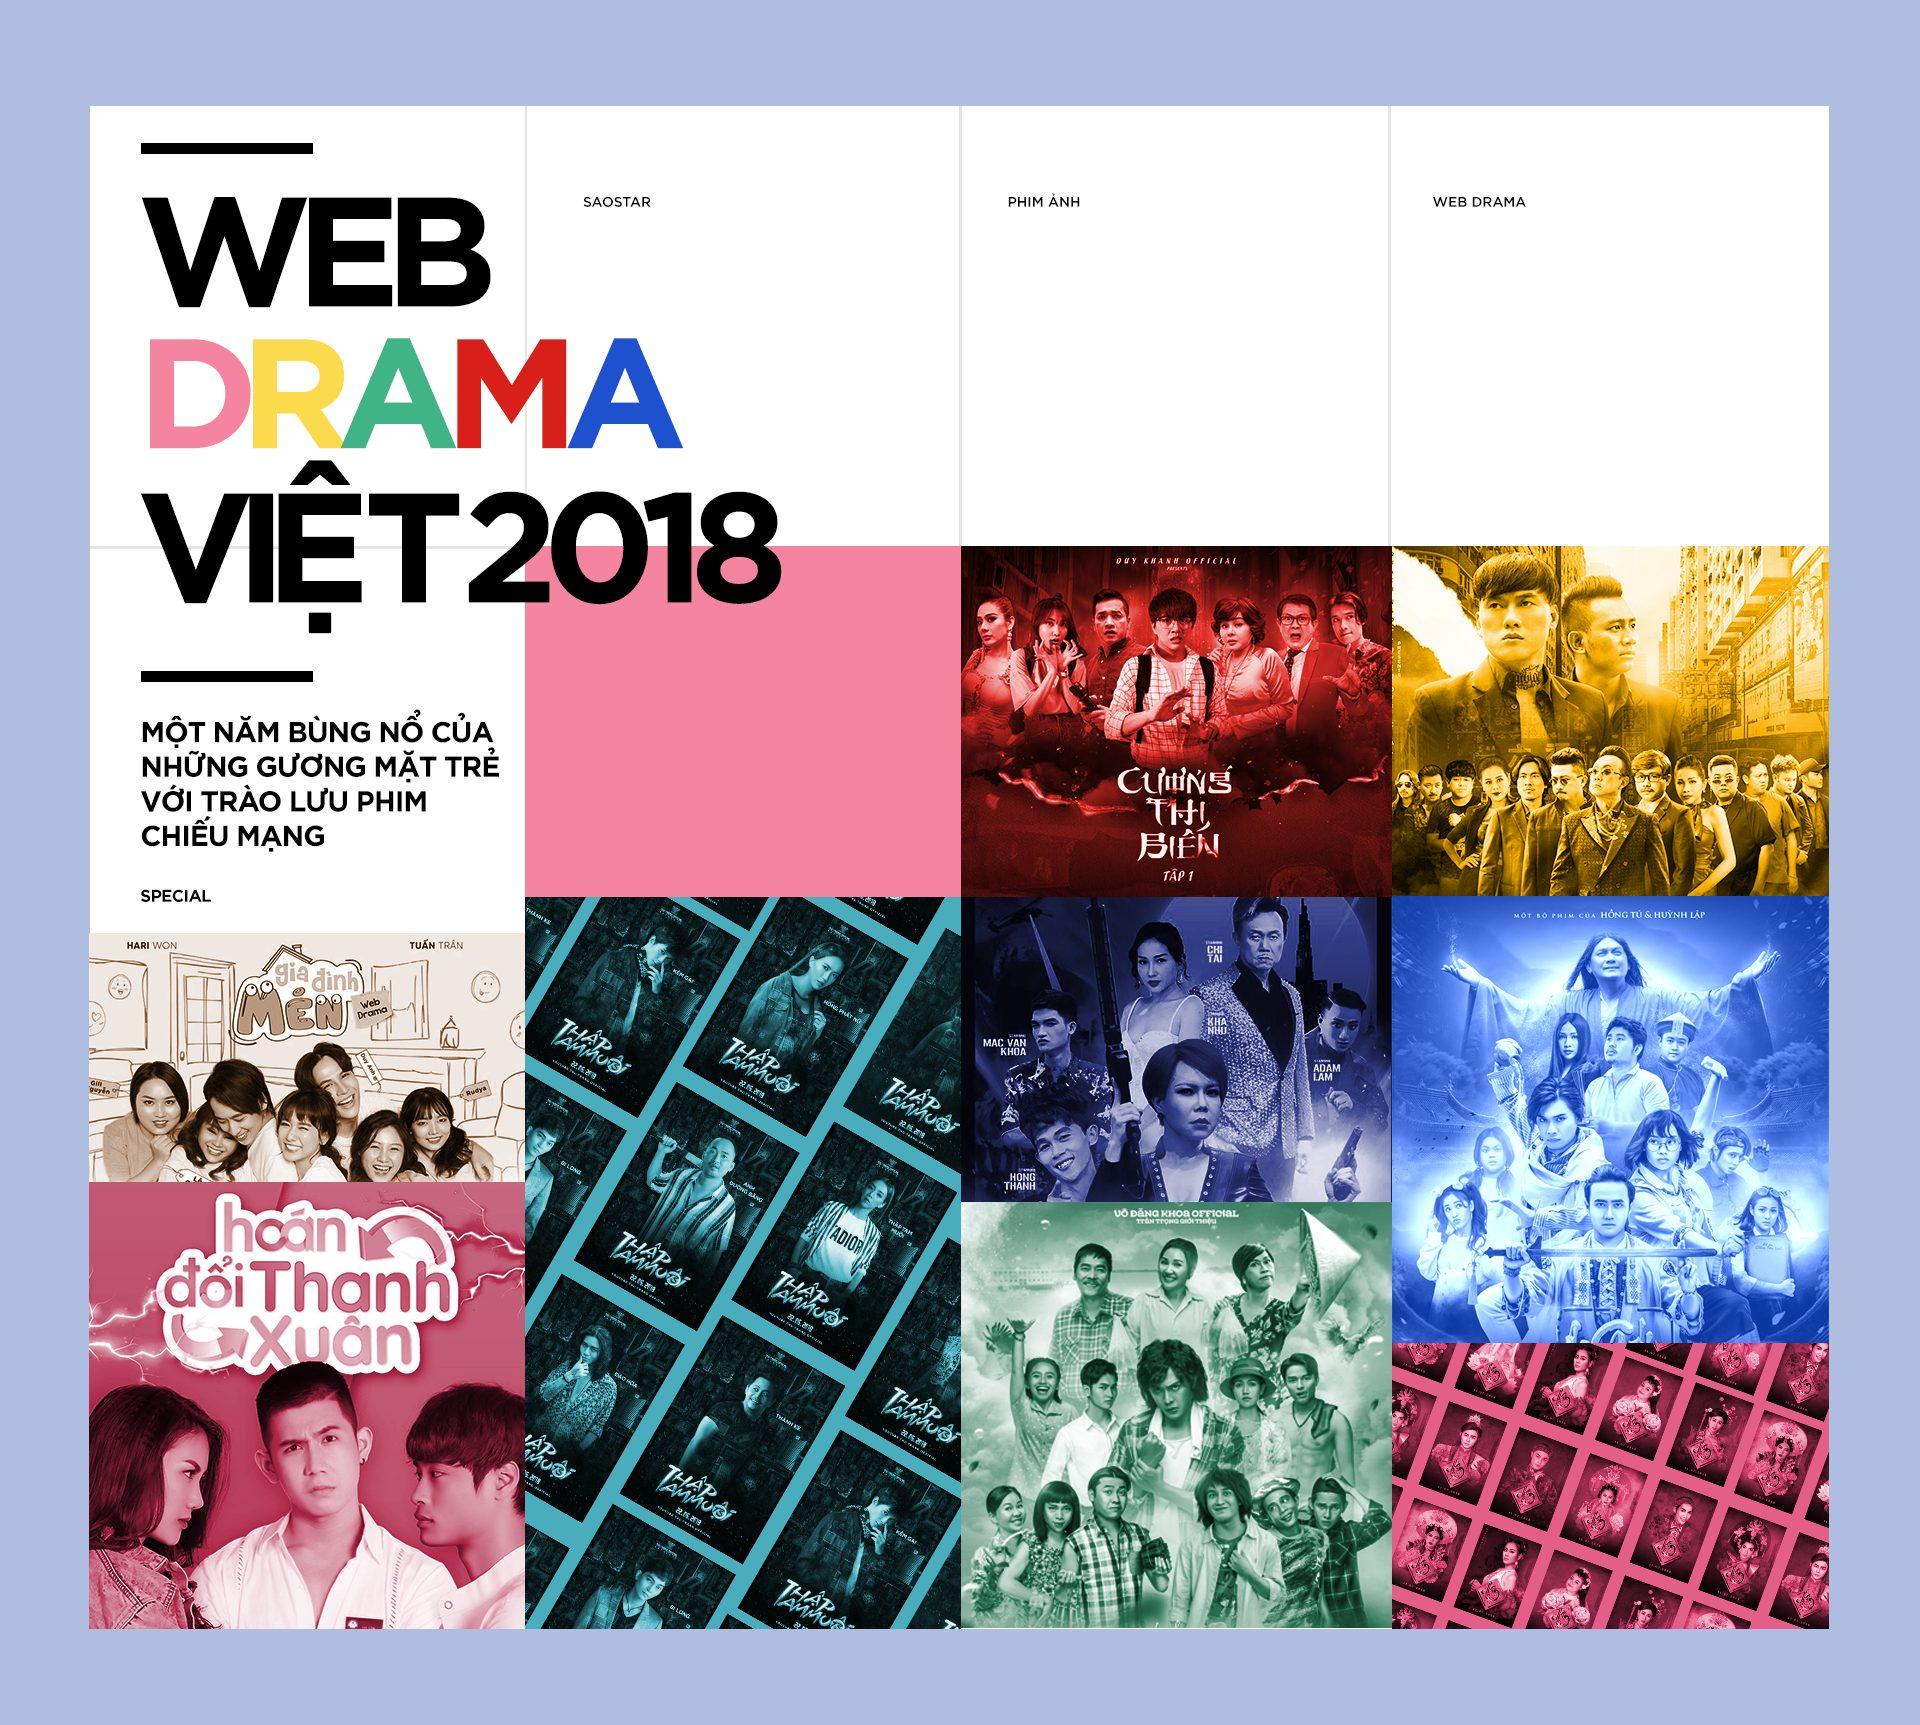 Web-drama Việt 2018: Một năm bùng nổ của những gương mặt trẻ với trào lưu phim chiếu mạng